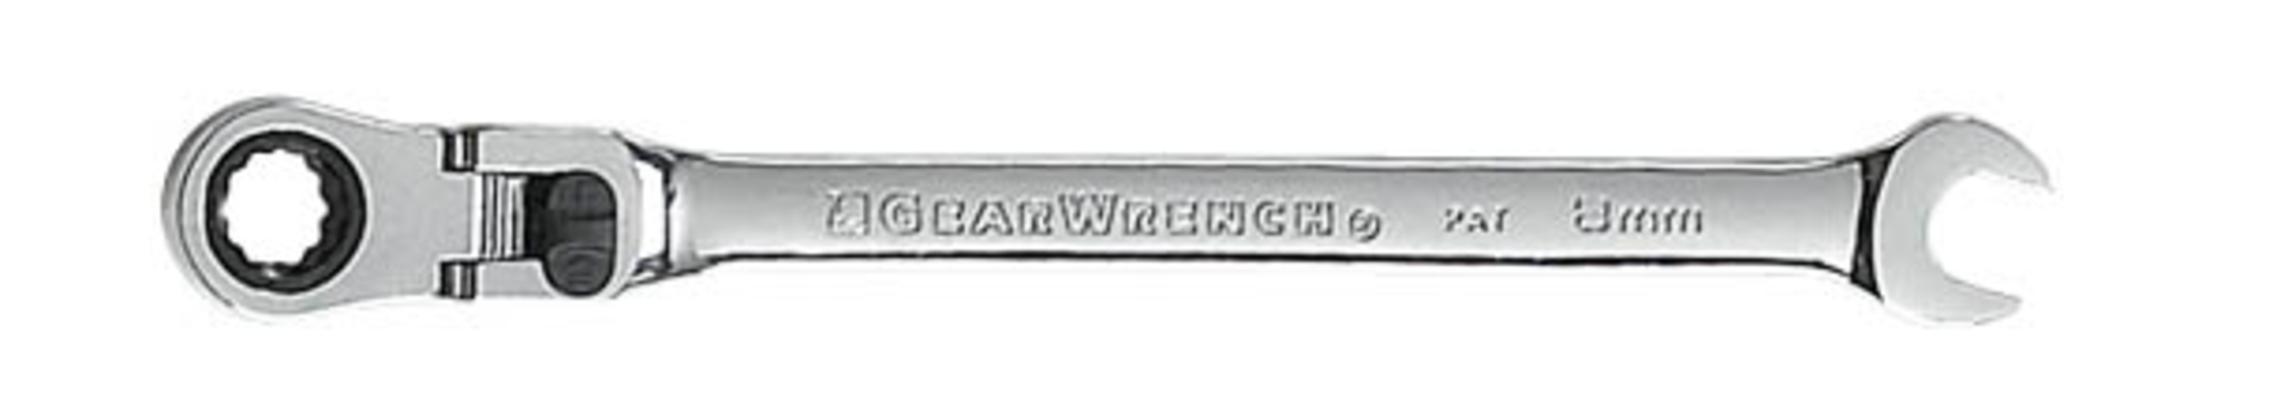 Erikoispitkä räikkälenkkiavain nivelellä - GearWrench - Räikkälenkkiavain 8 mm